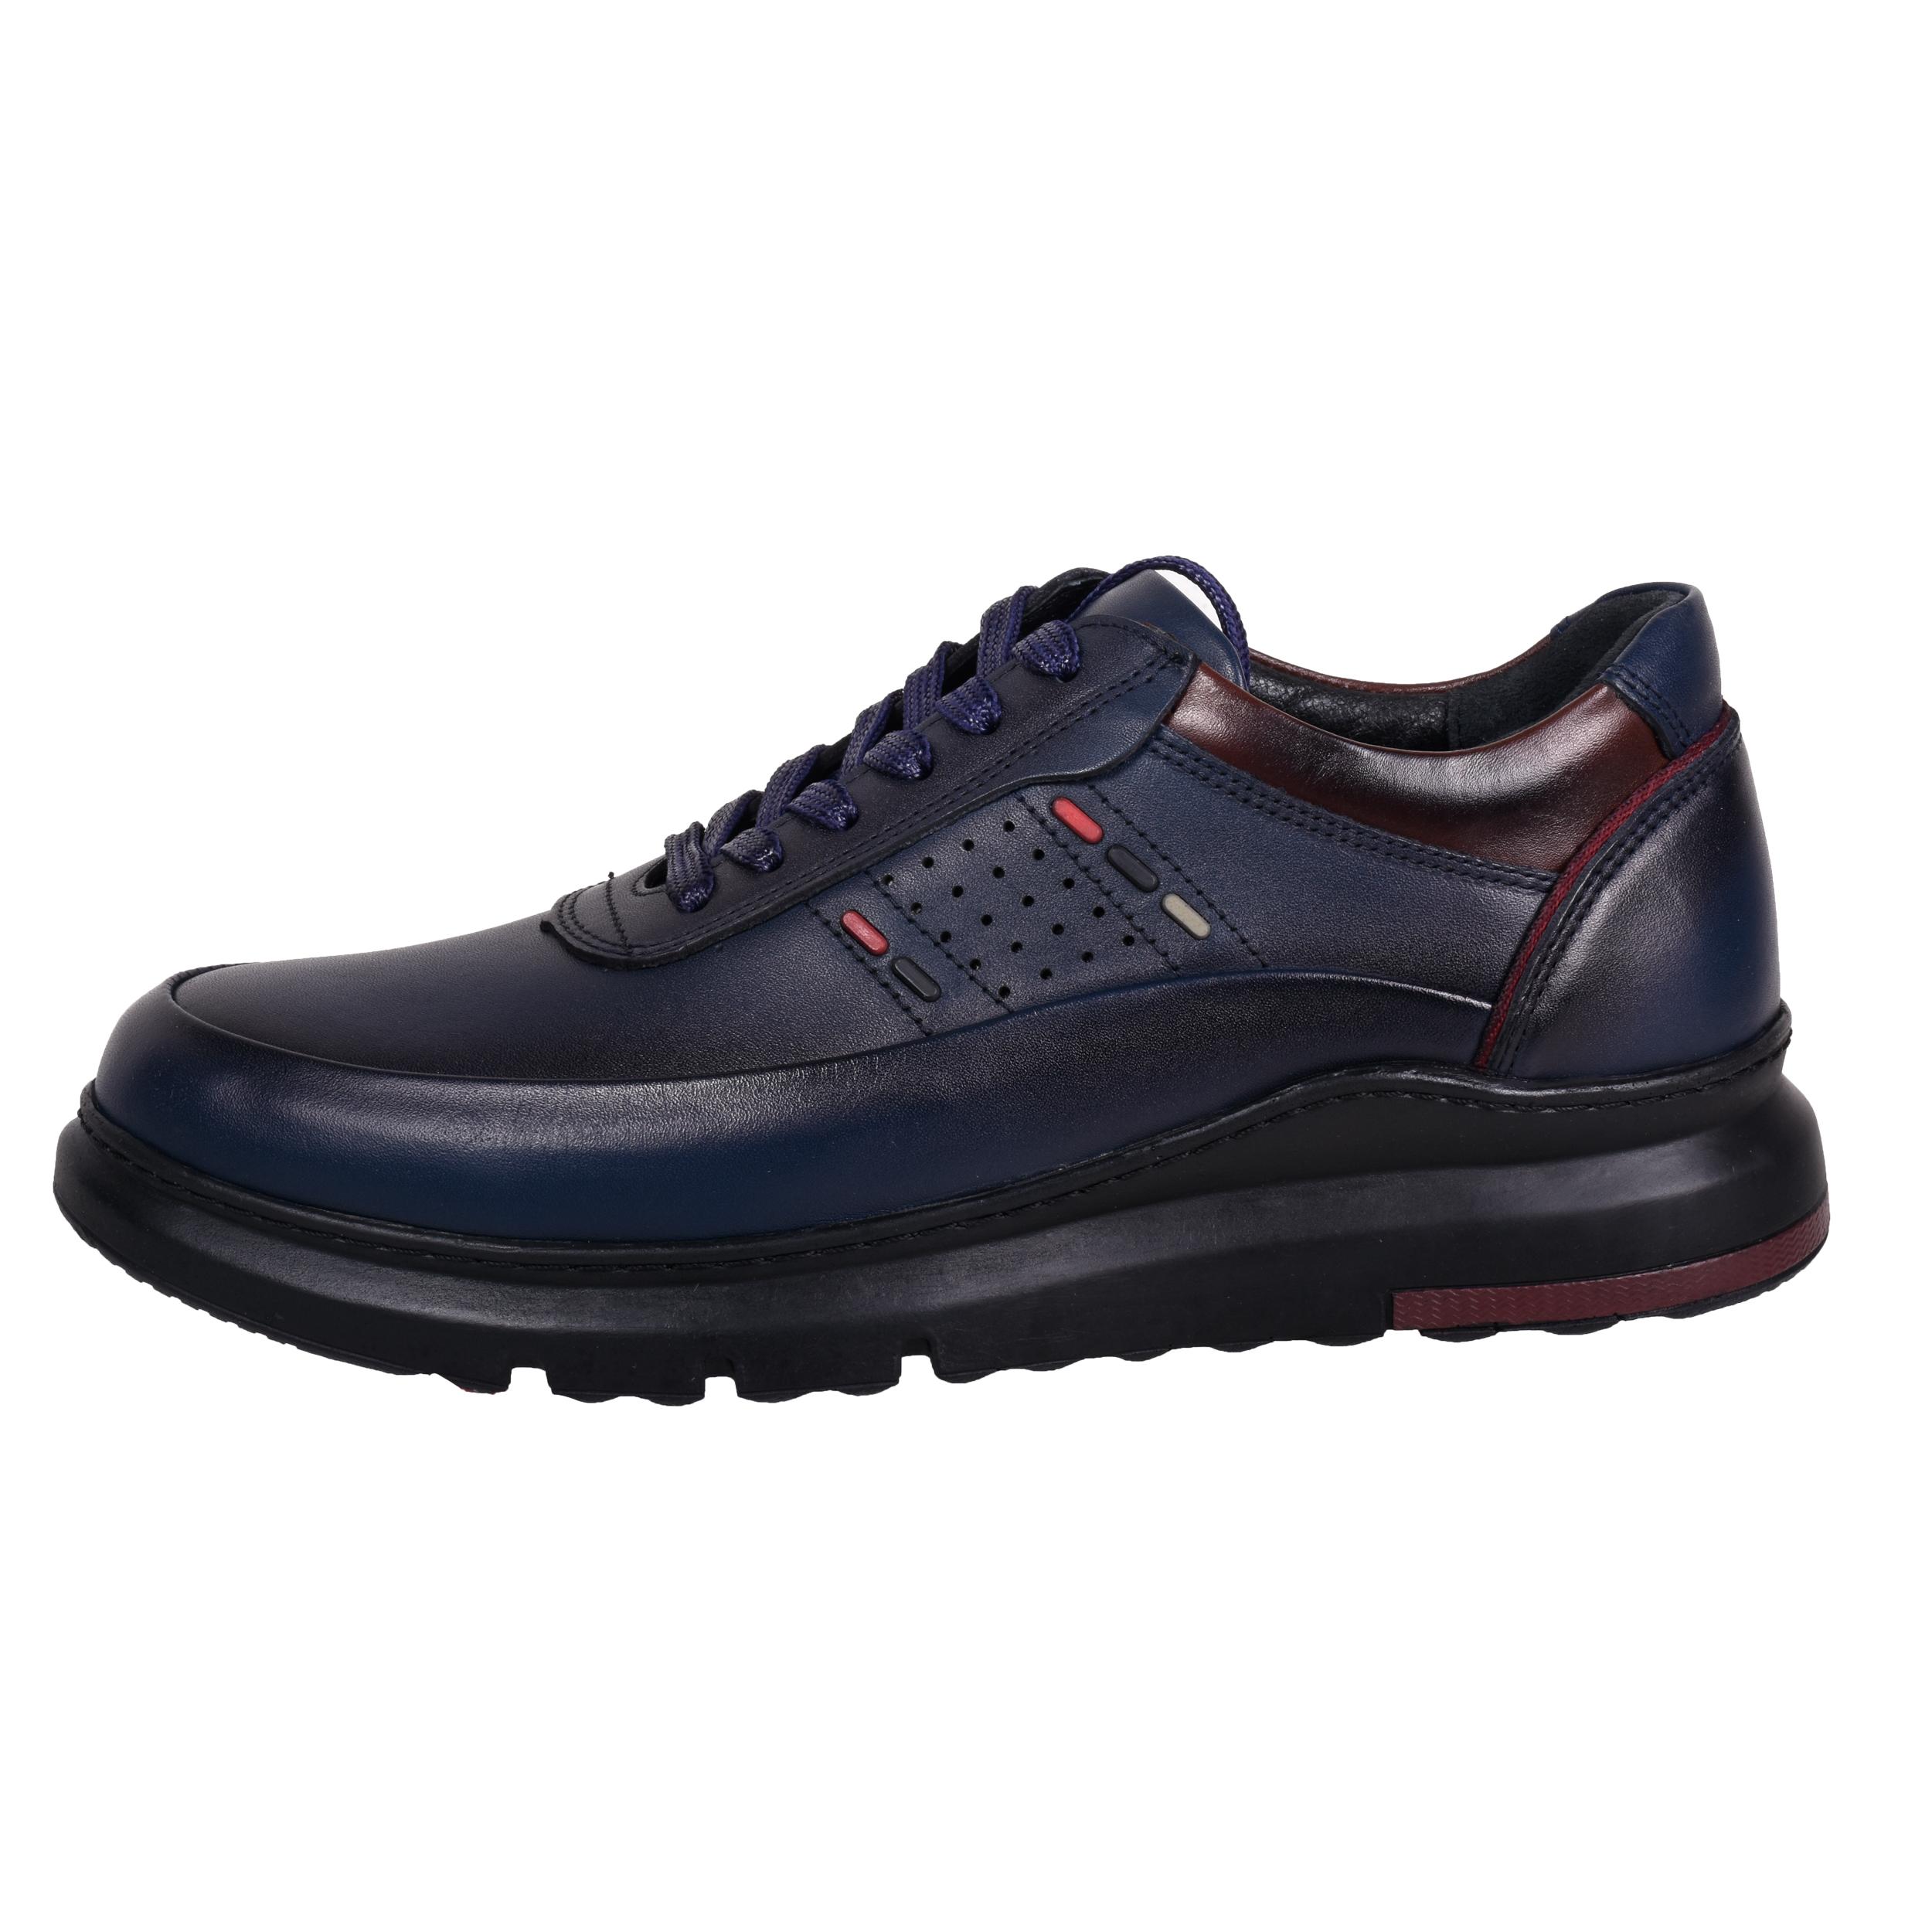 قیمت کفش راحتی مردانه کد 13-1391181